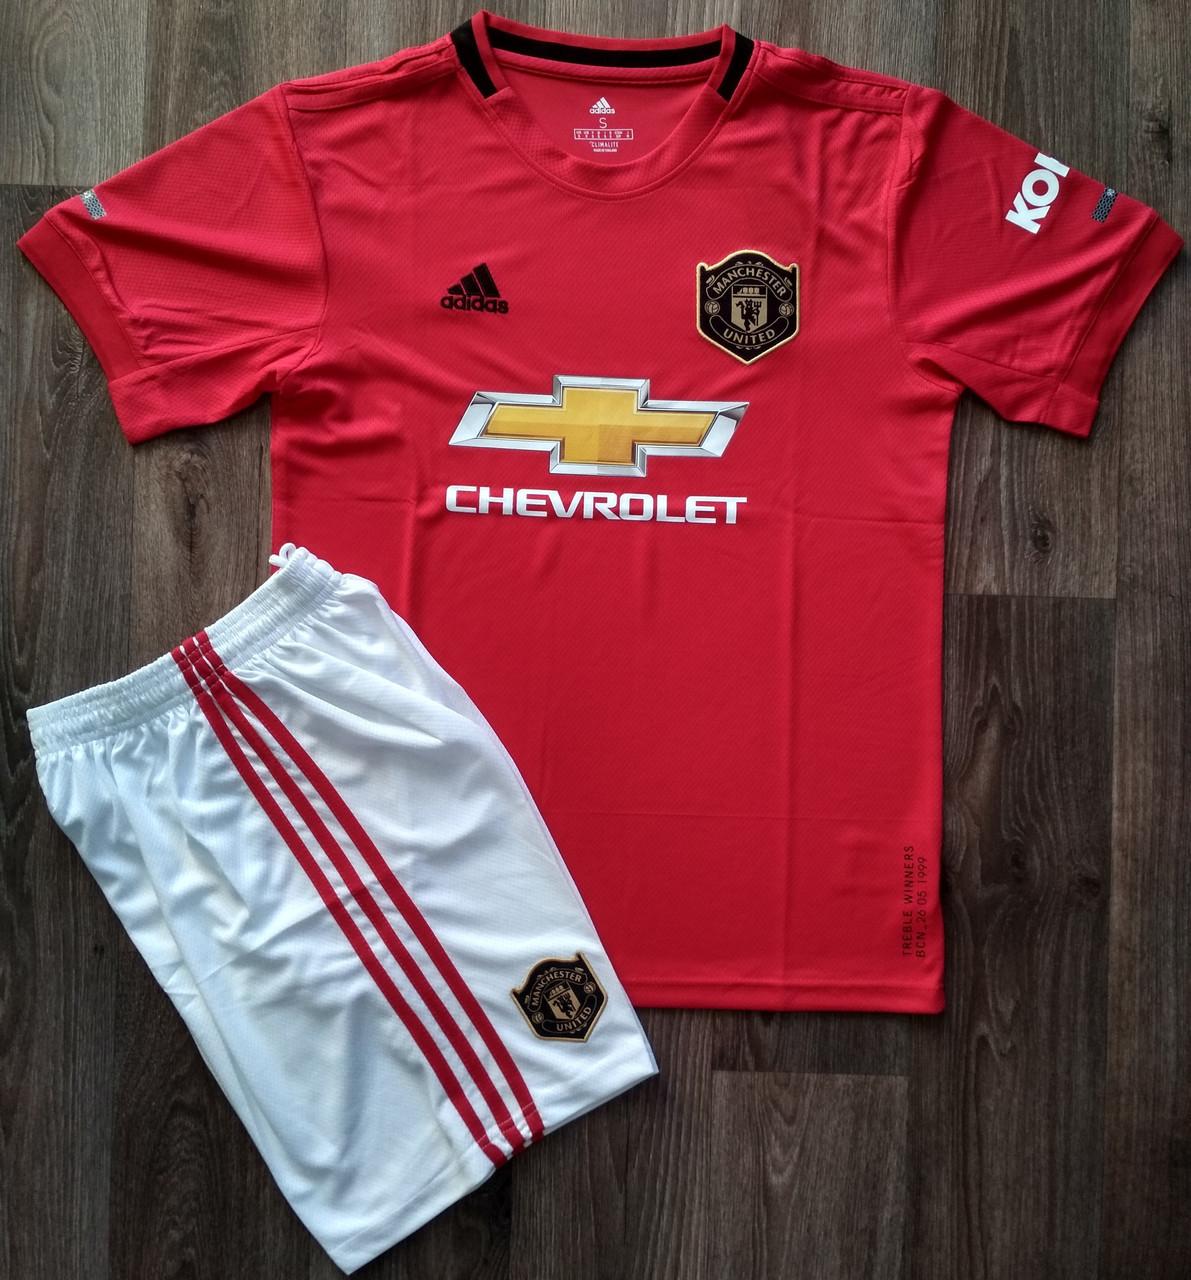 Детская форма Манчестер Юнайтед/Manchester United ( Англия,Премьер Лига ),домашняя, 19-20 фанатская версия